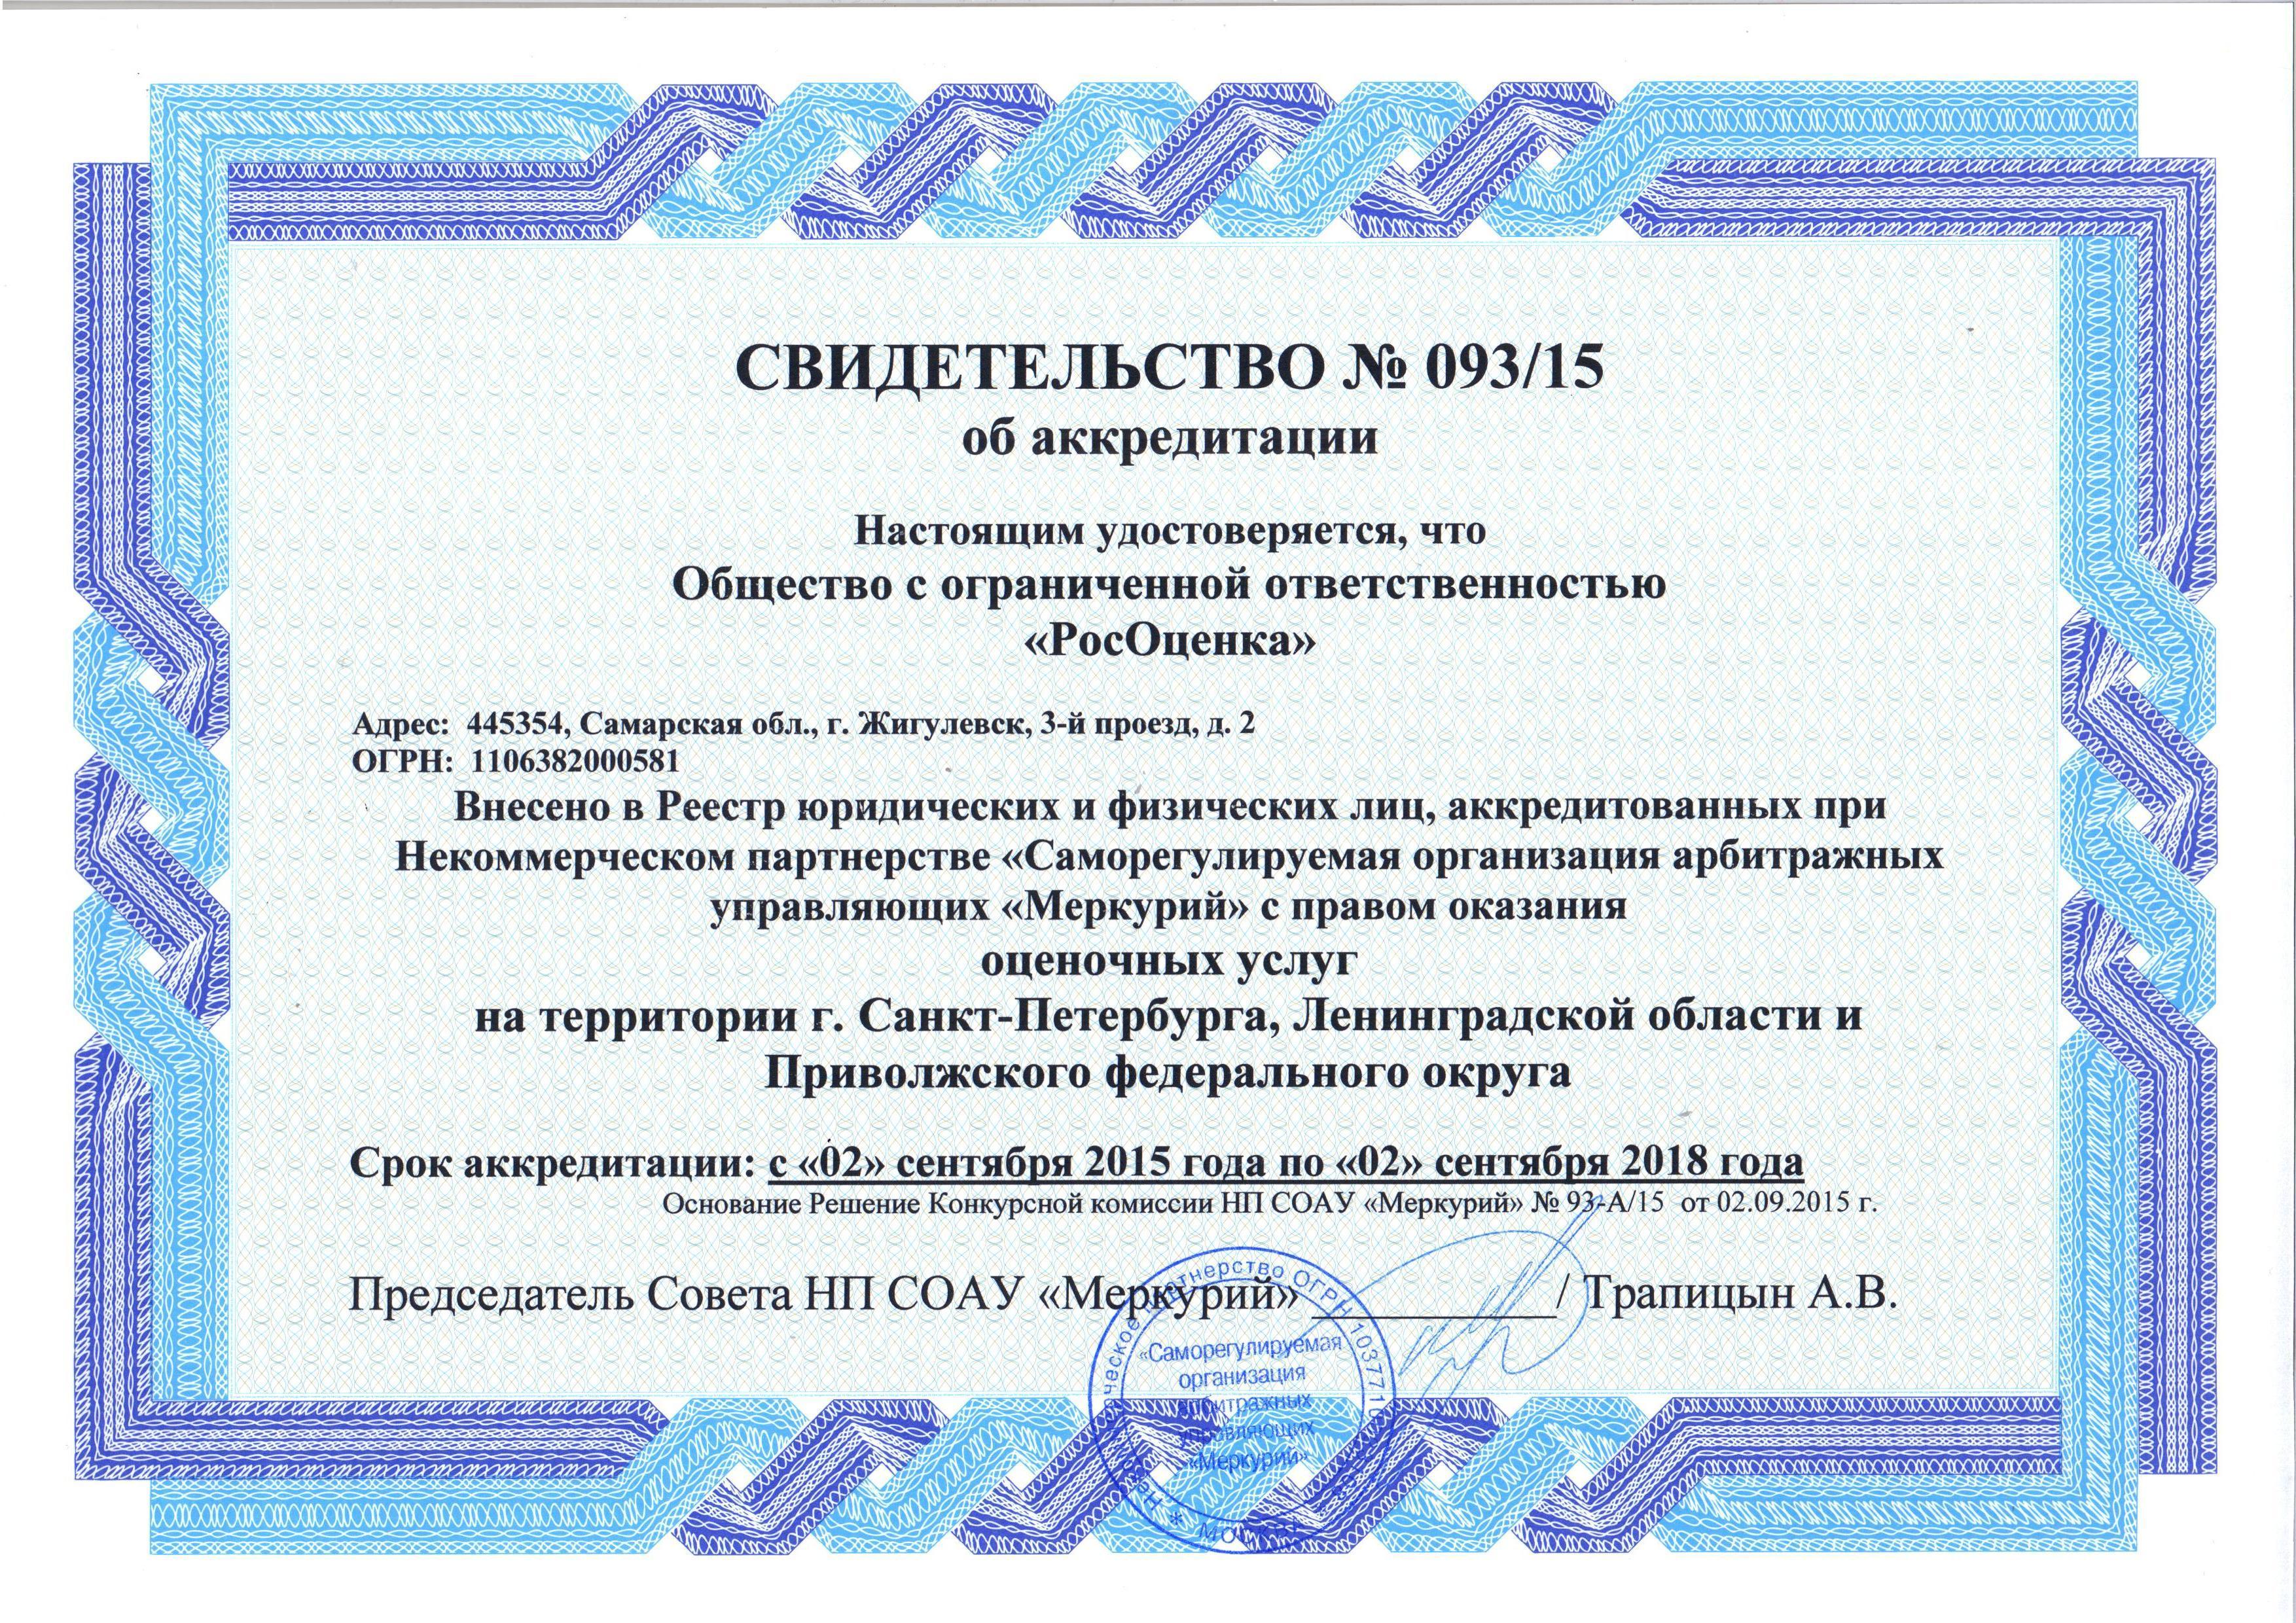 Свидетельство 093-15, РосОценка, ООО (1)